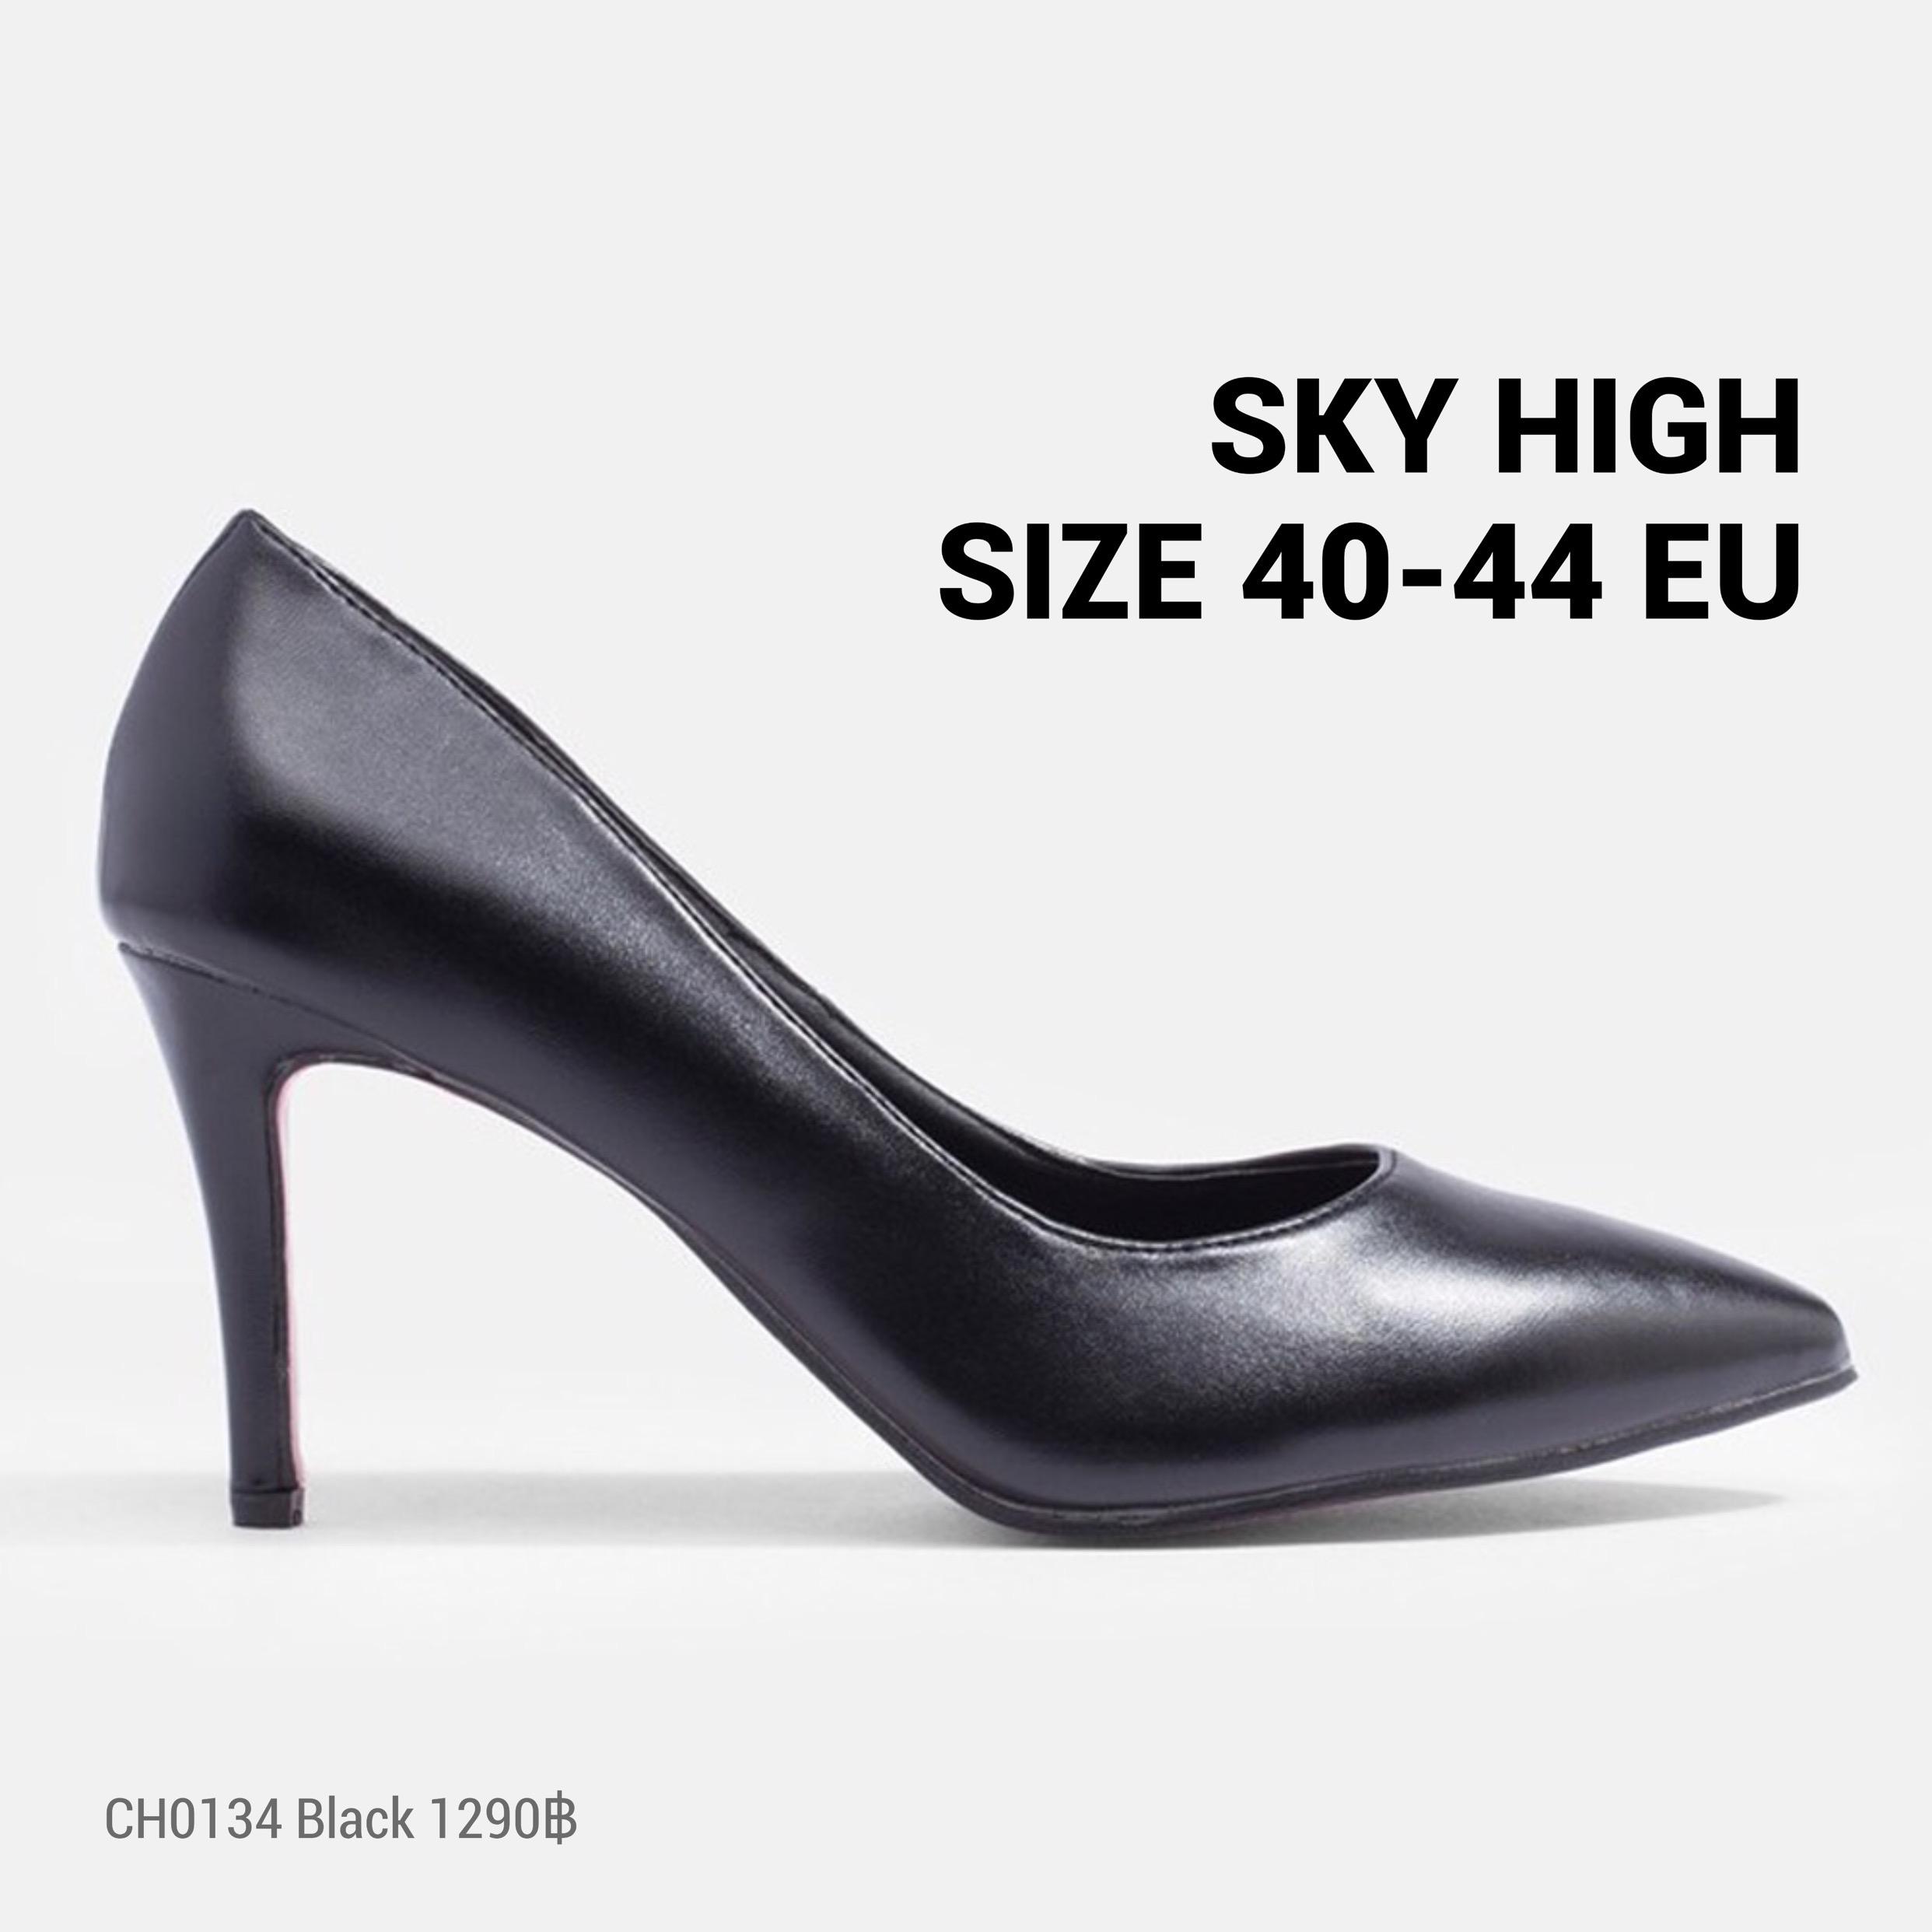 รองเท้าคัชชูส้นเตี้ย ไซส์ใหญ่ Sky High ไซส์ 40-44 EU จากแบรนด์ Chowy รุ่น CH0134